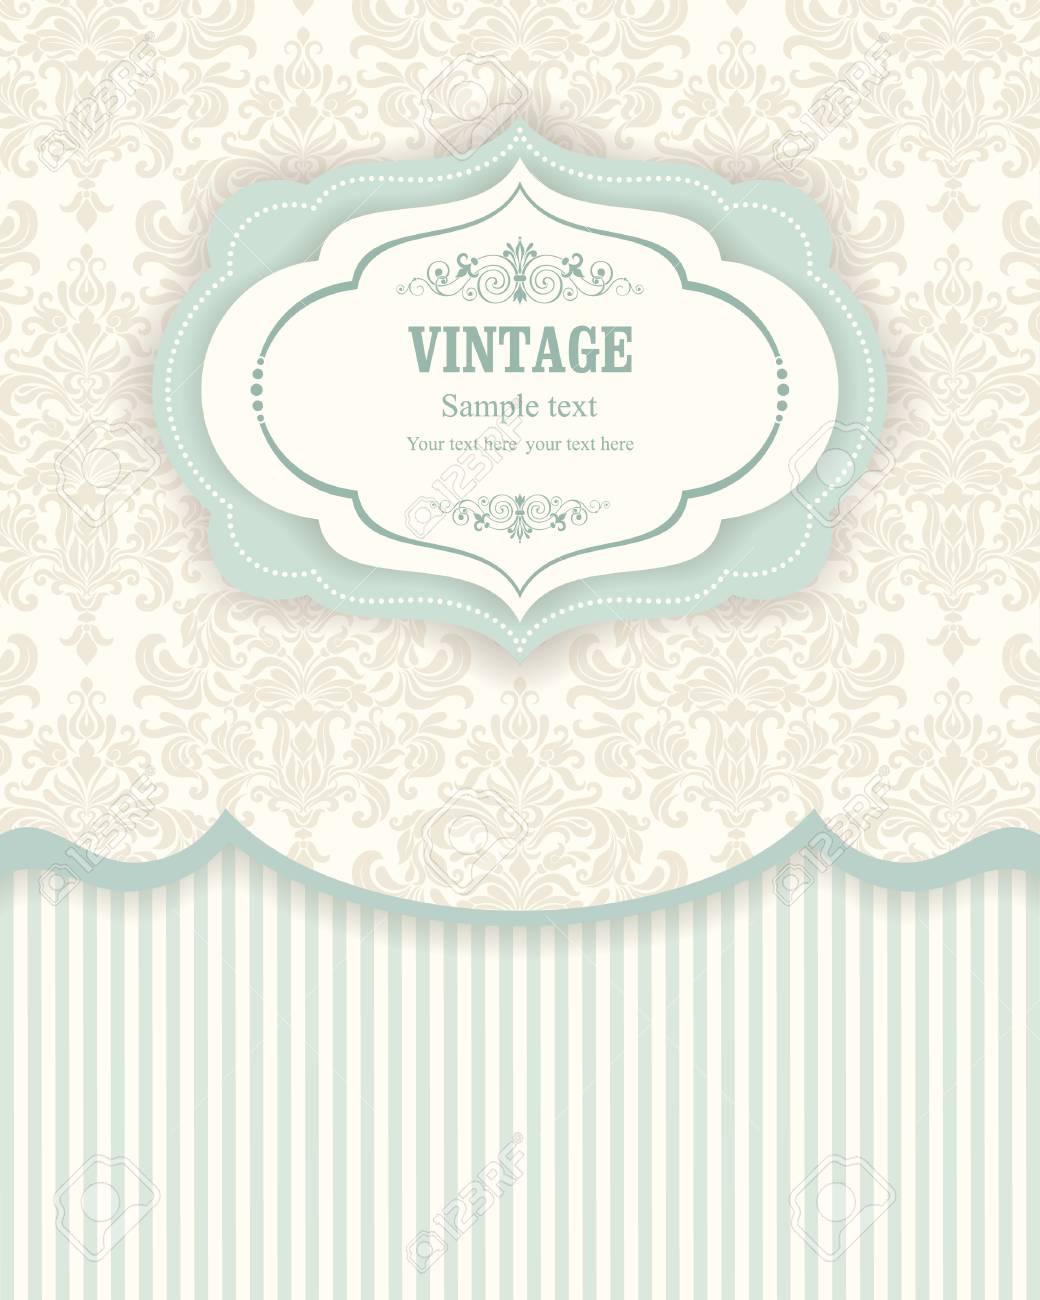 Fantastisch Einladungskarten In Einem Vintage Stil Beige Und Grün Standard Bild    67876081